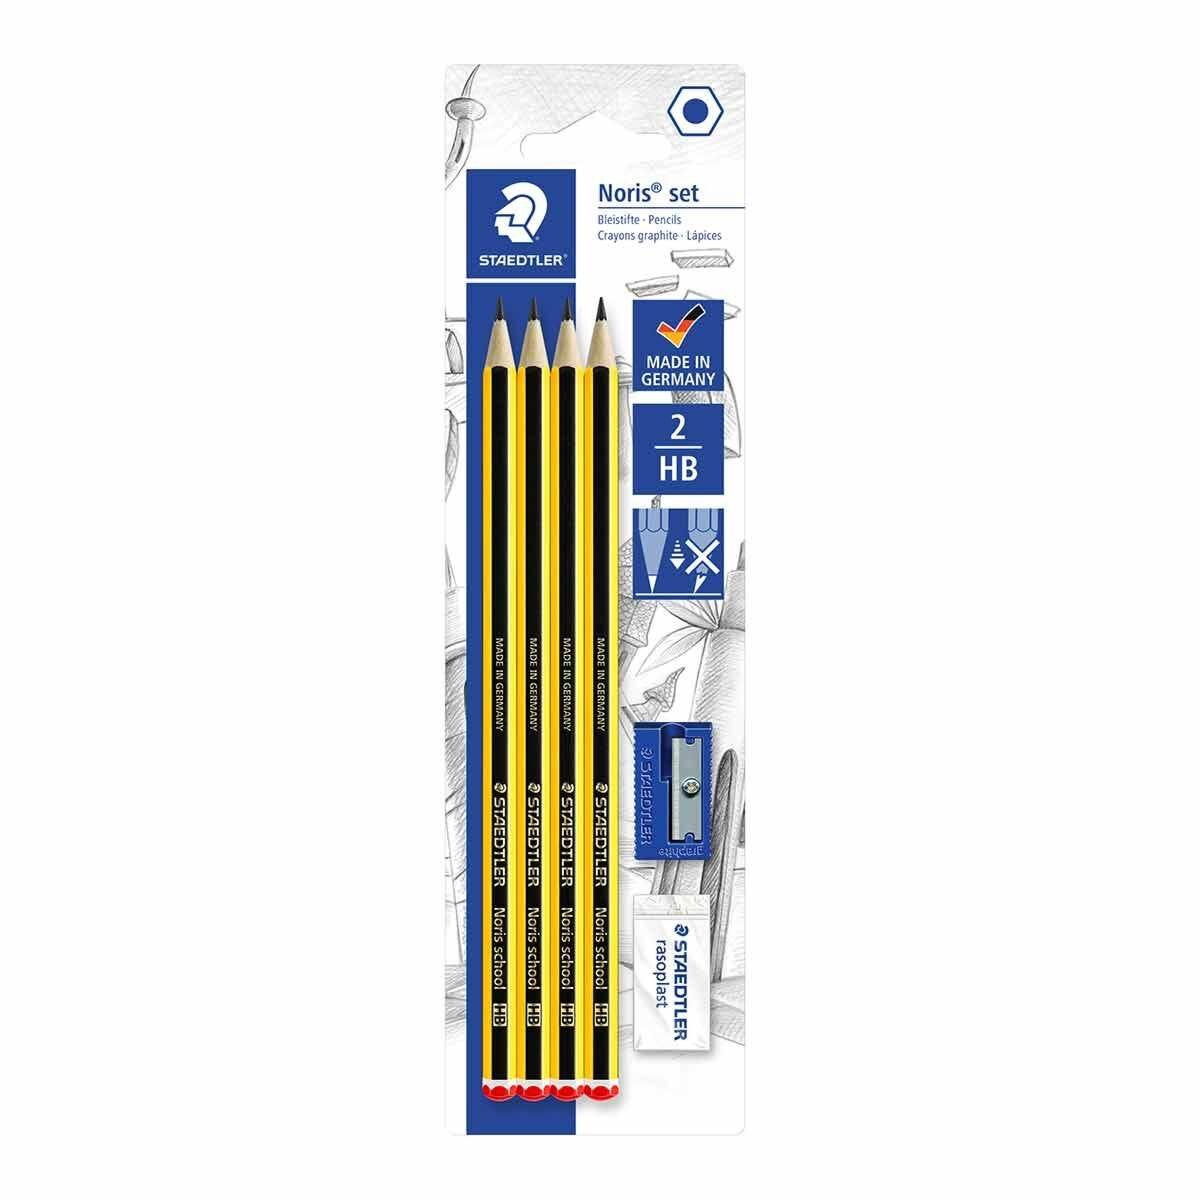 Staedtler Noris Pencil Set HB with Eraser and Sharpener